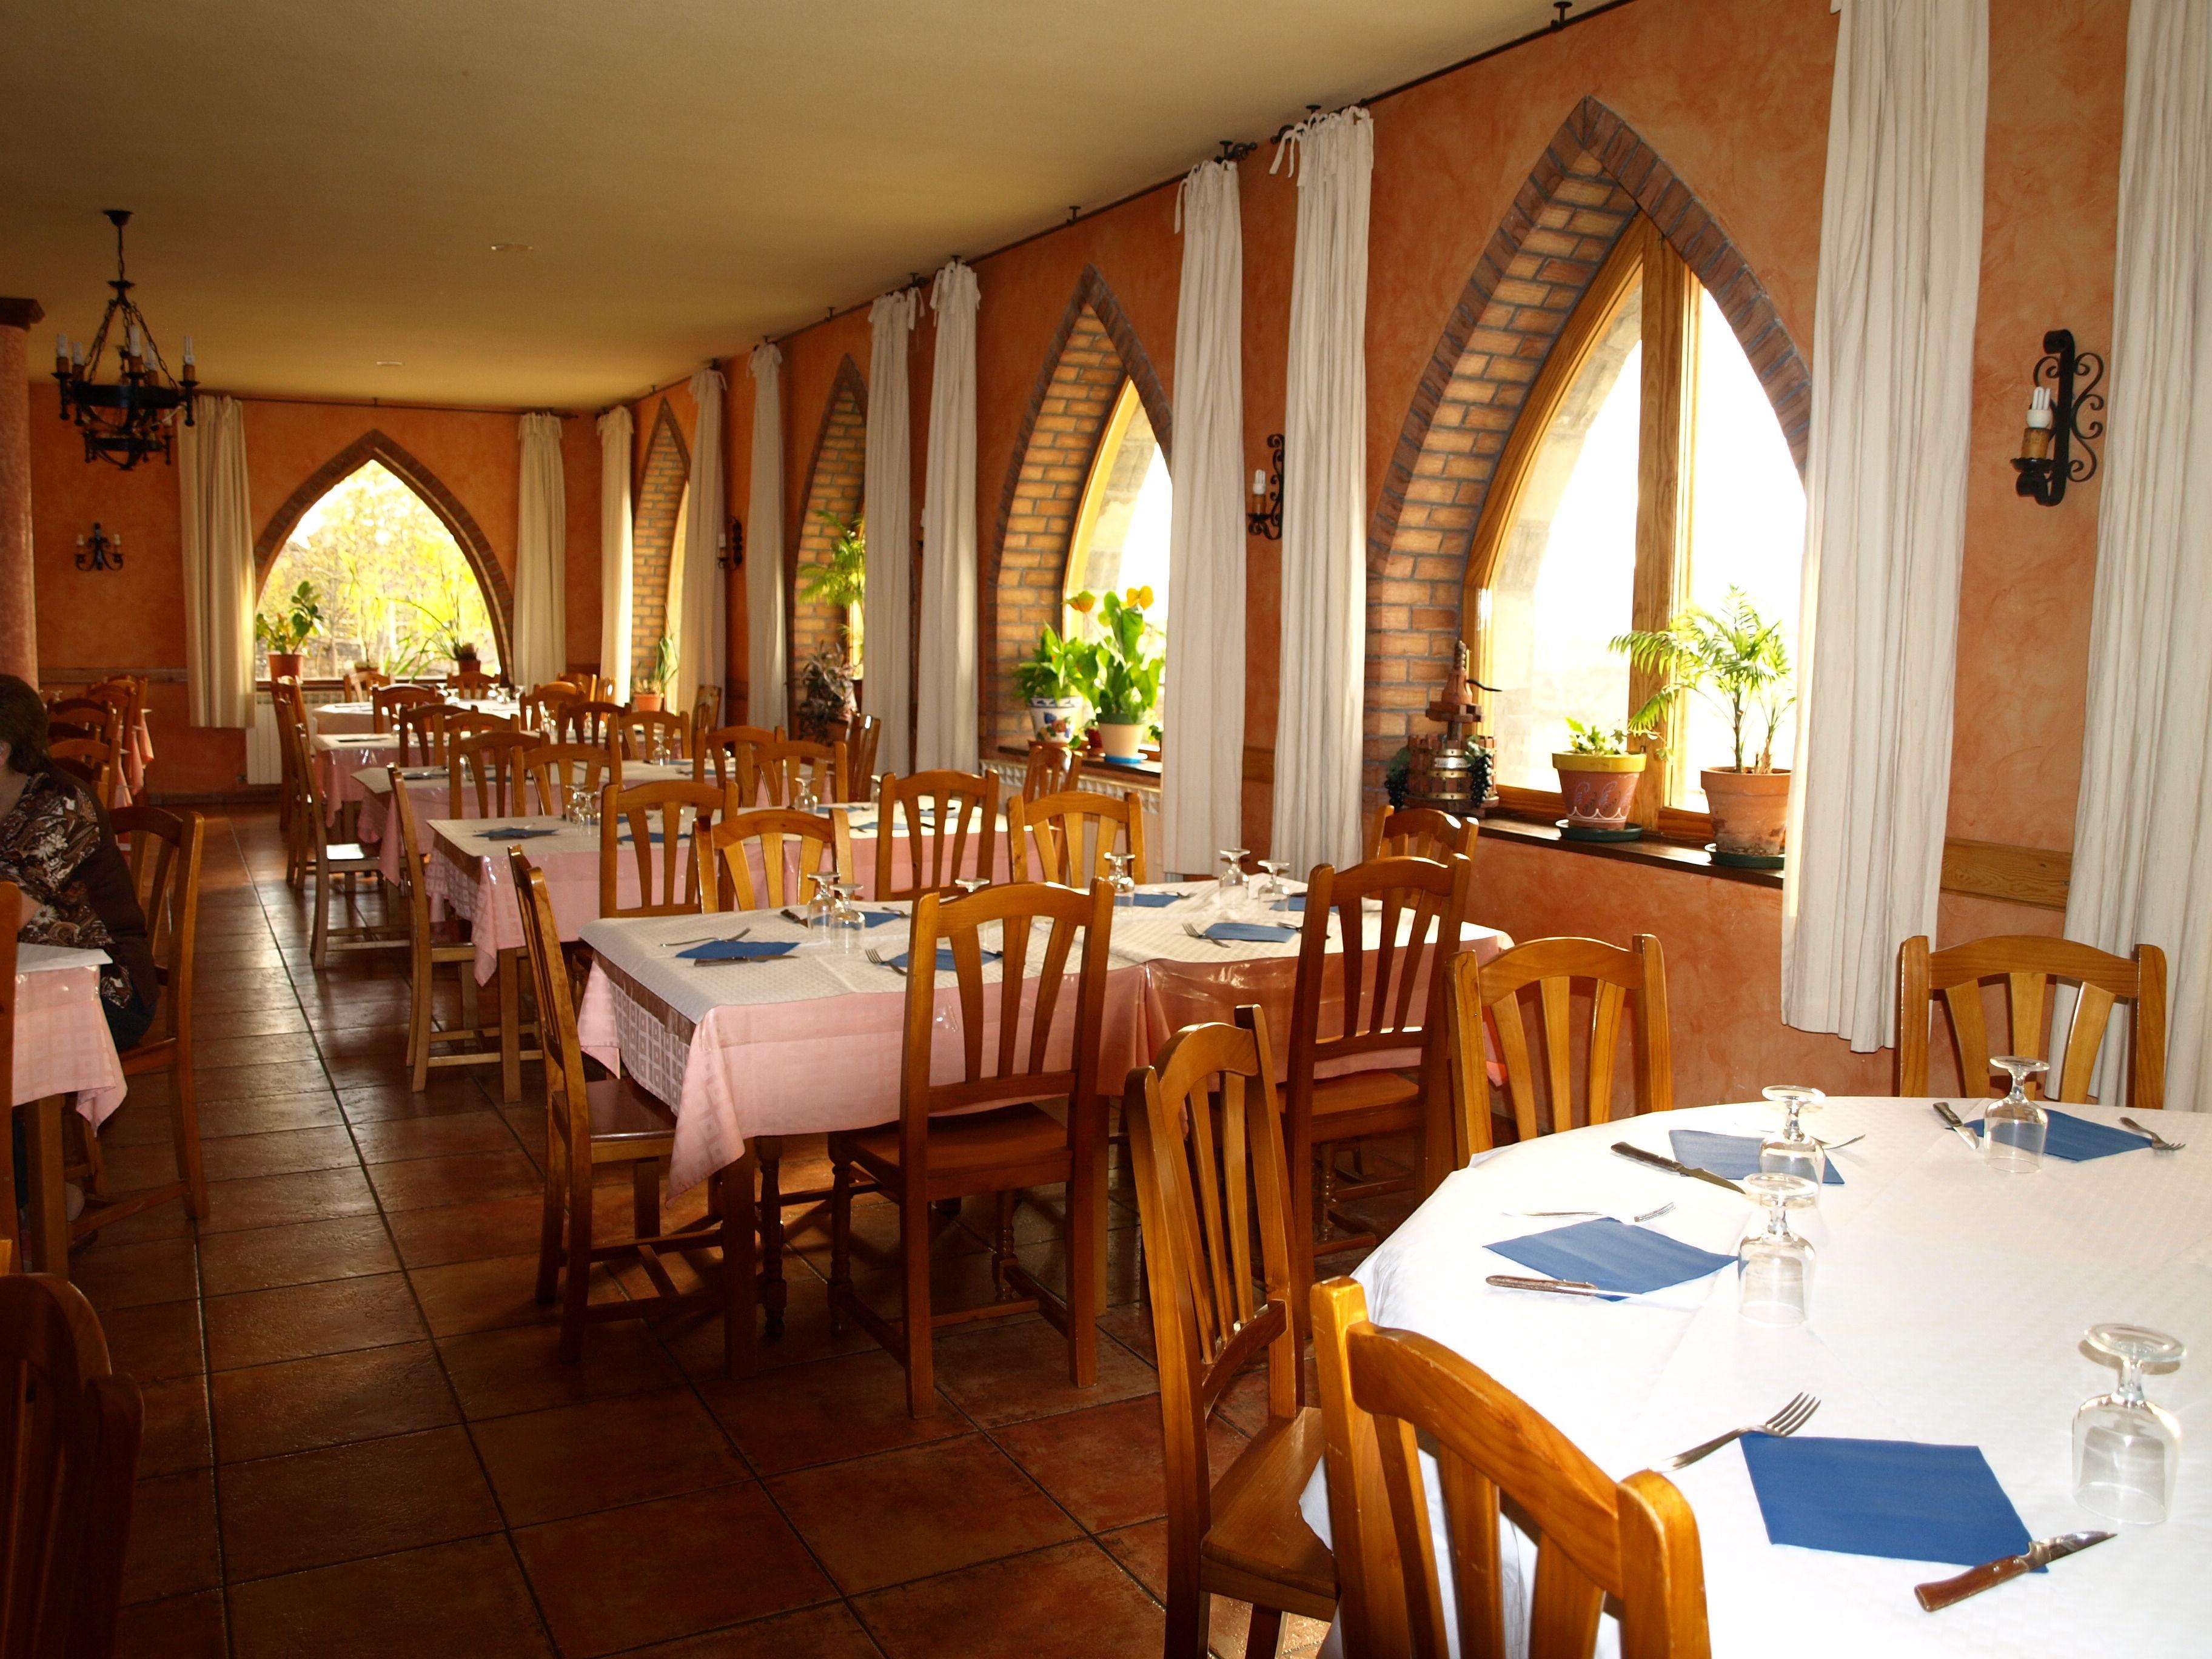 restaurante comida casera, especialidad carnes a la brasa, menú diario